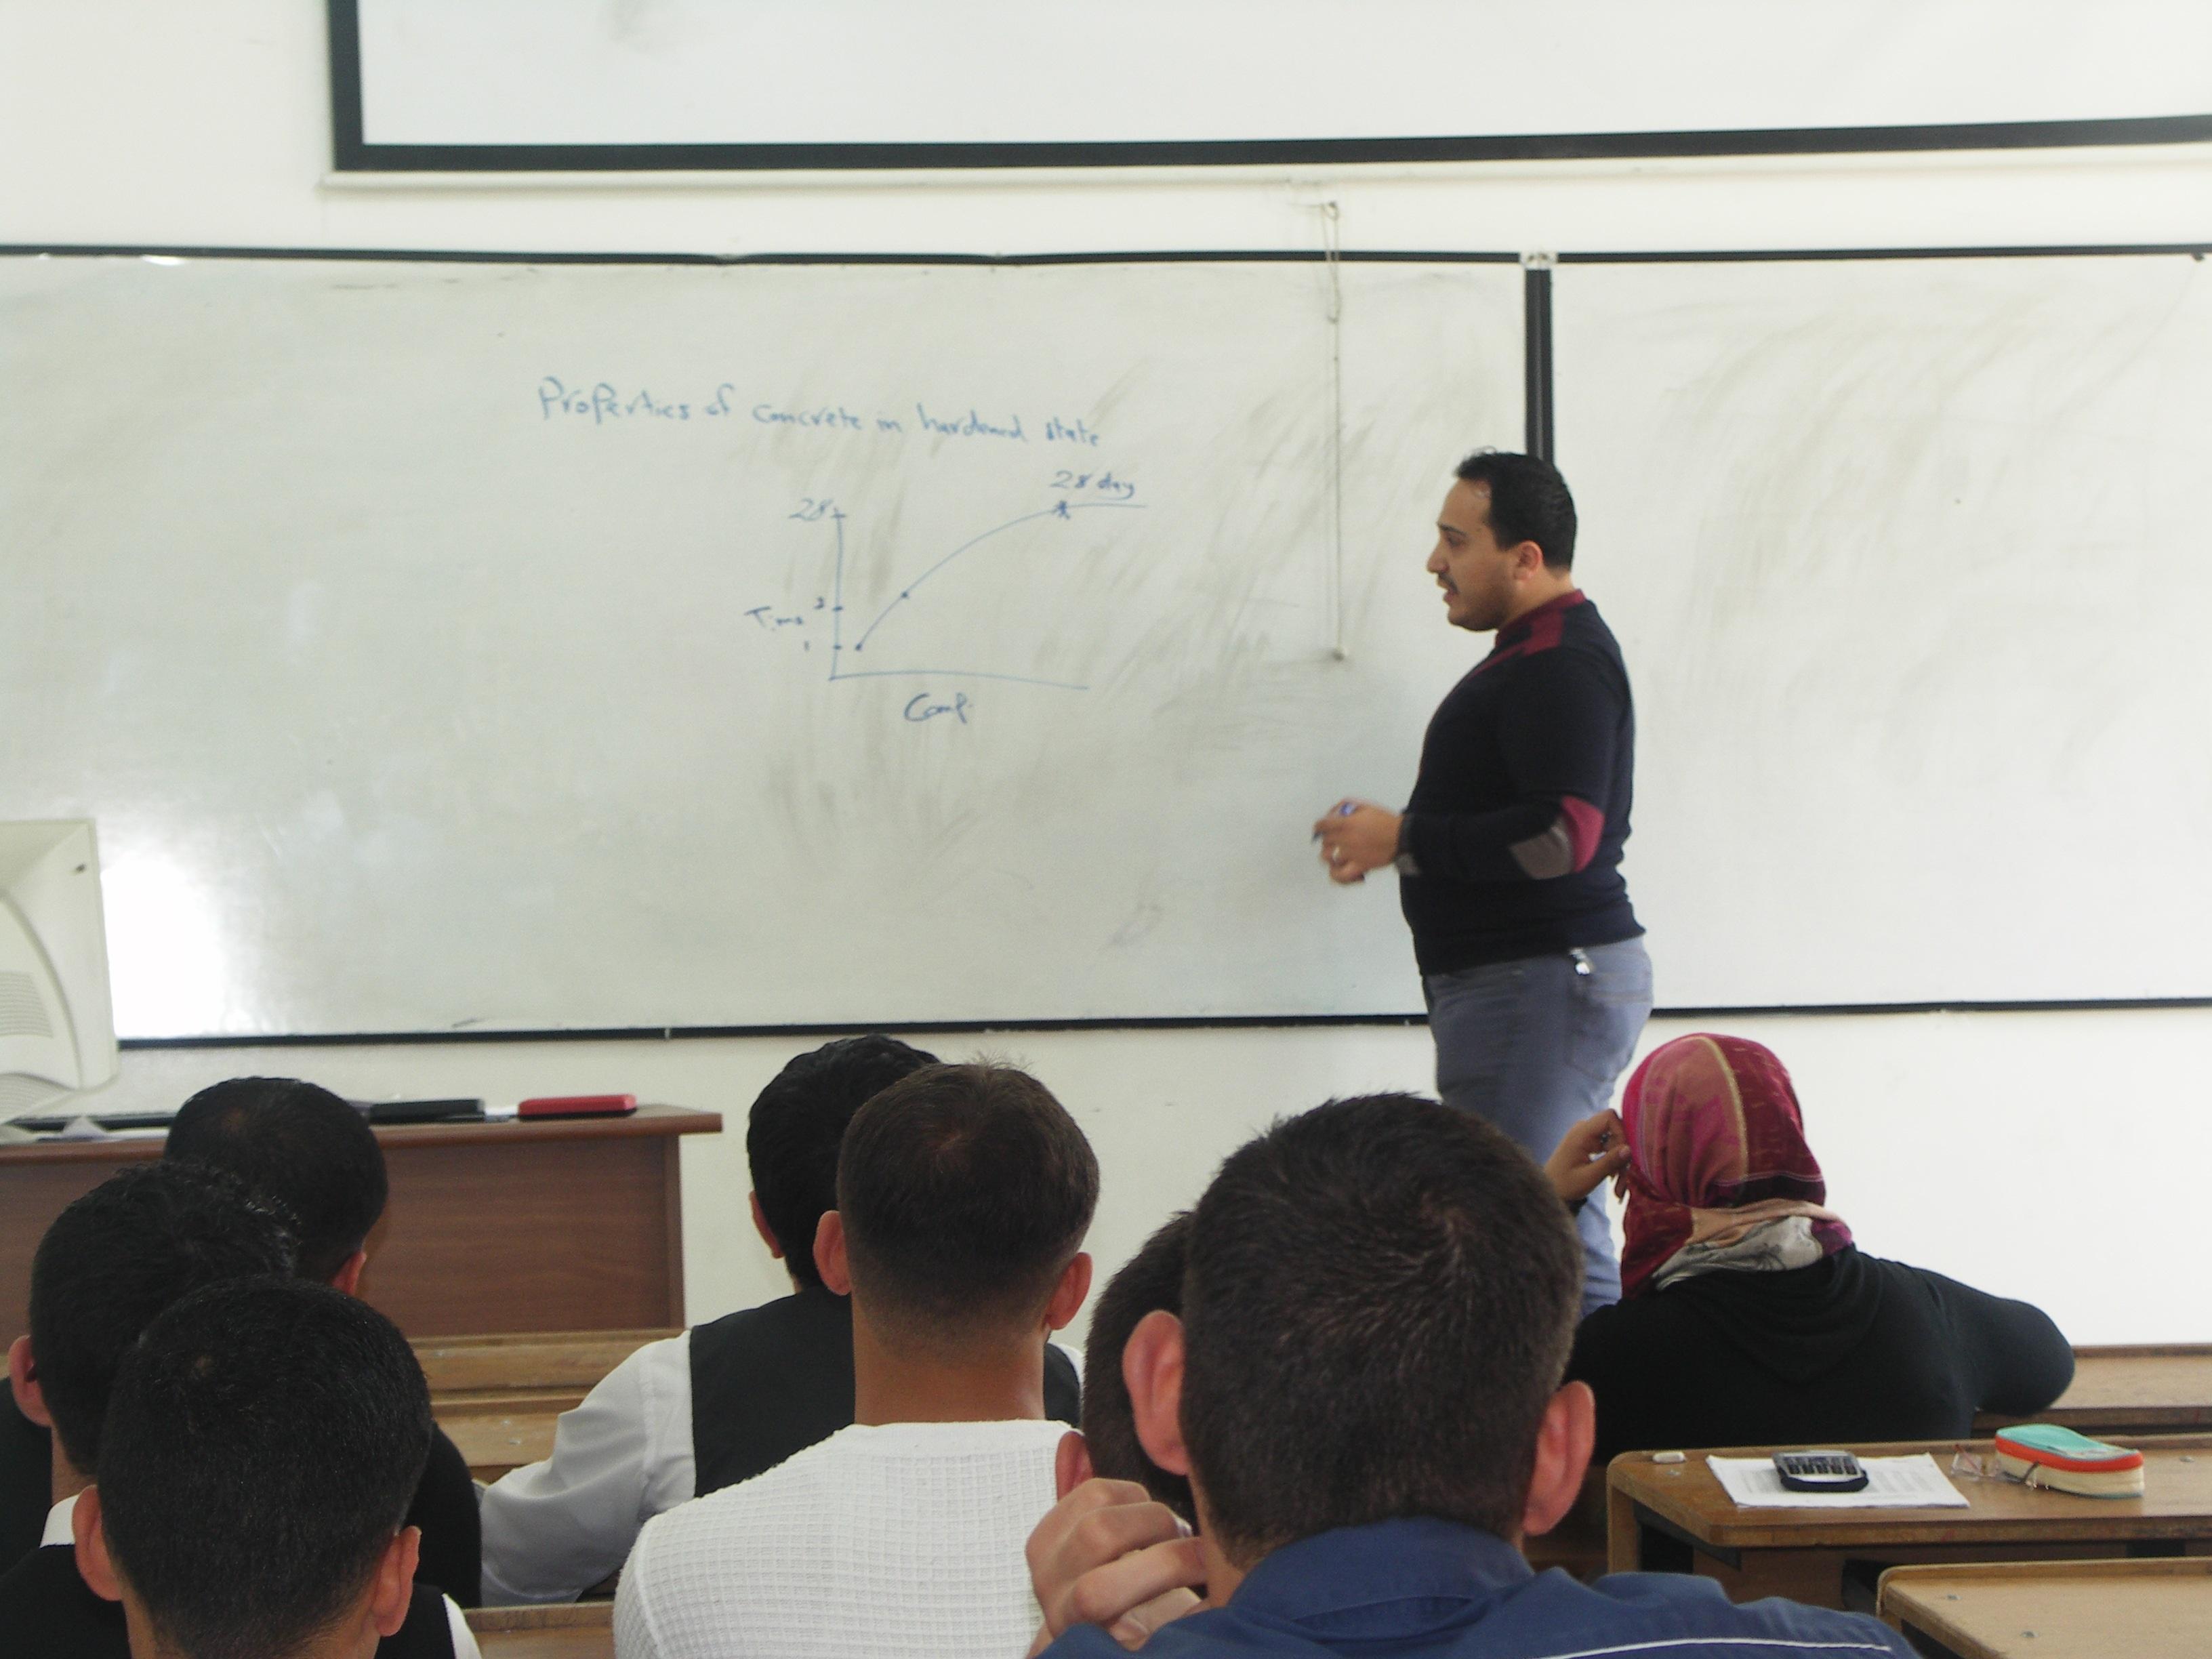 مطلوب لكبرى الجامعات في دول الخليج